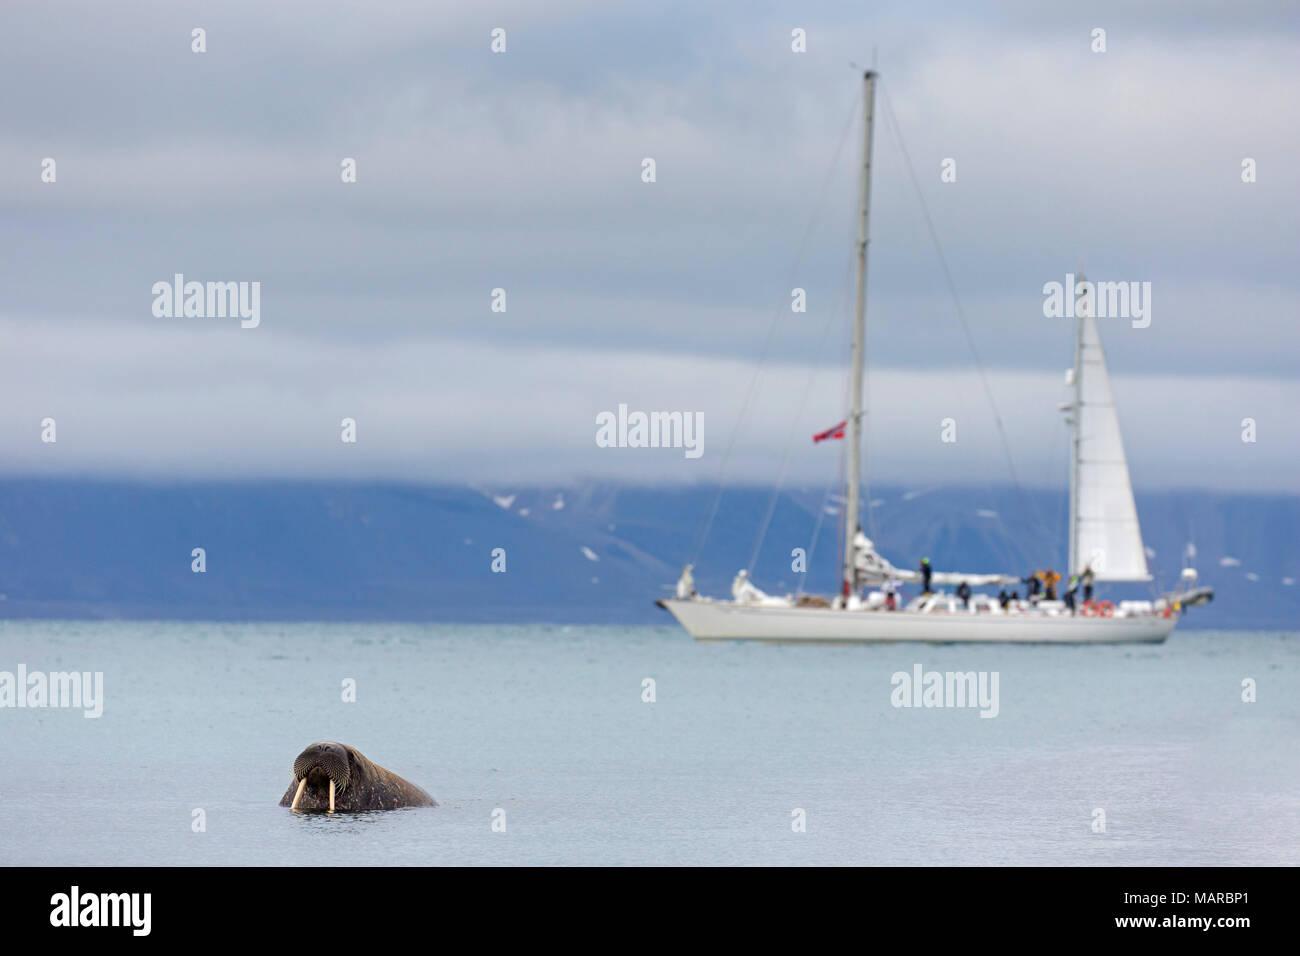 Atlantischen Walross (Odobenus rosmarus). Einzelne in Wasser mit einem Segelboot in Hintergrund. Svalbard, Norwegen Stockbild